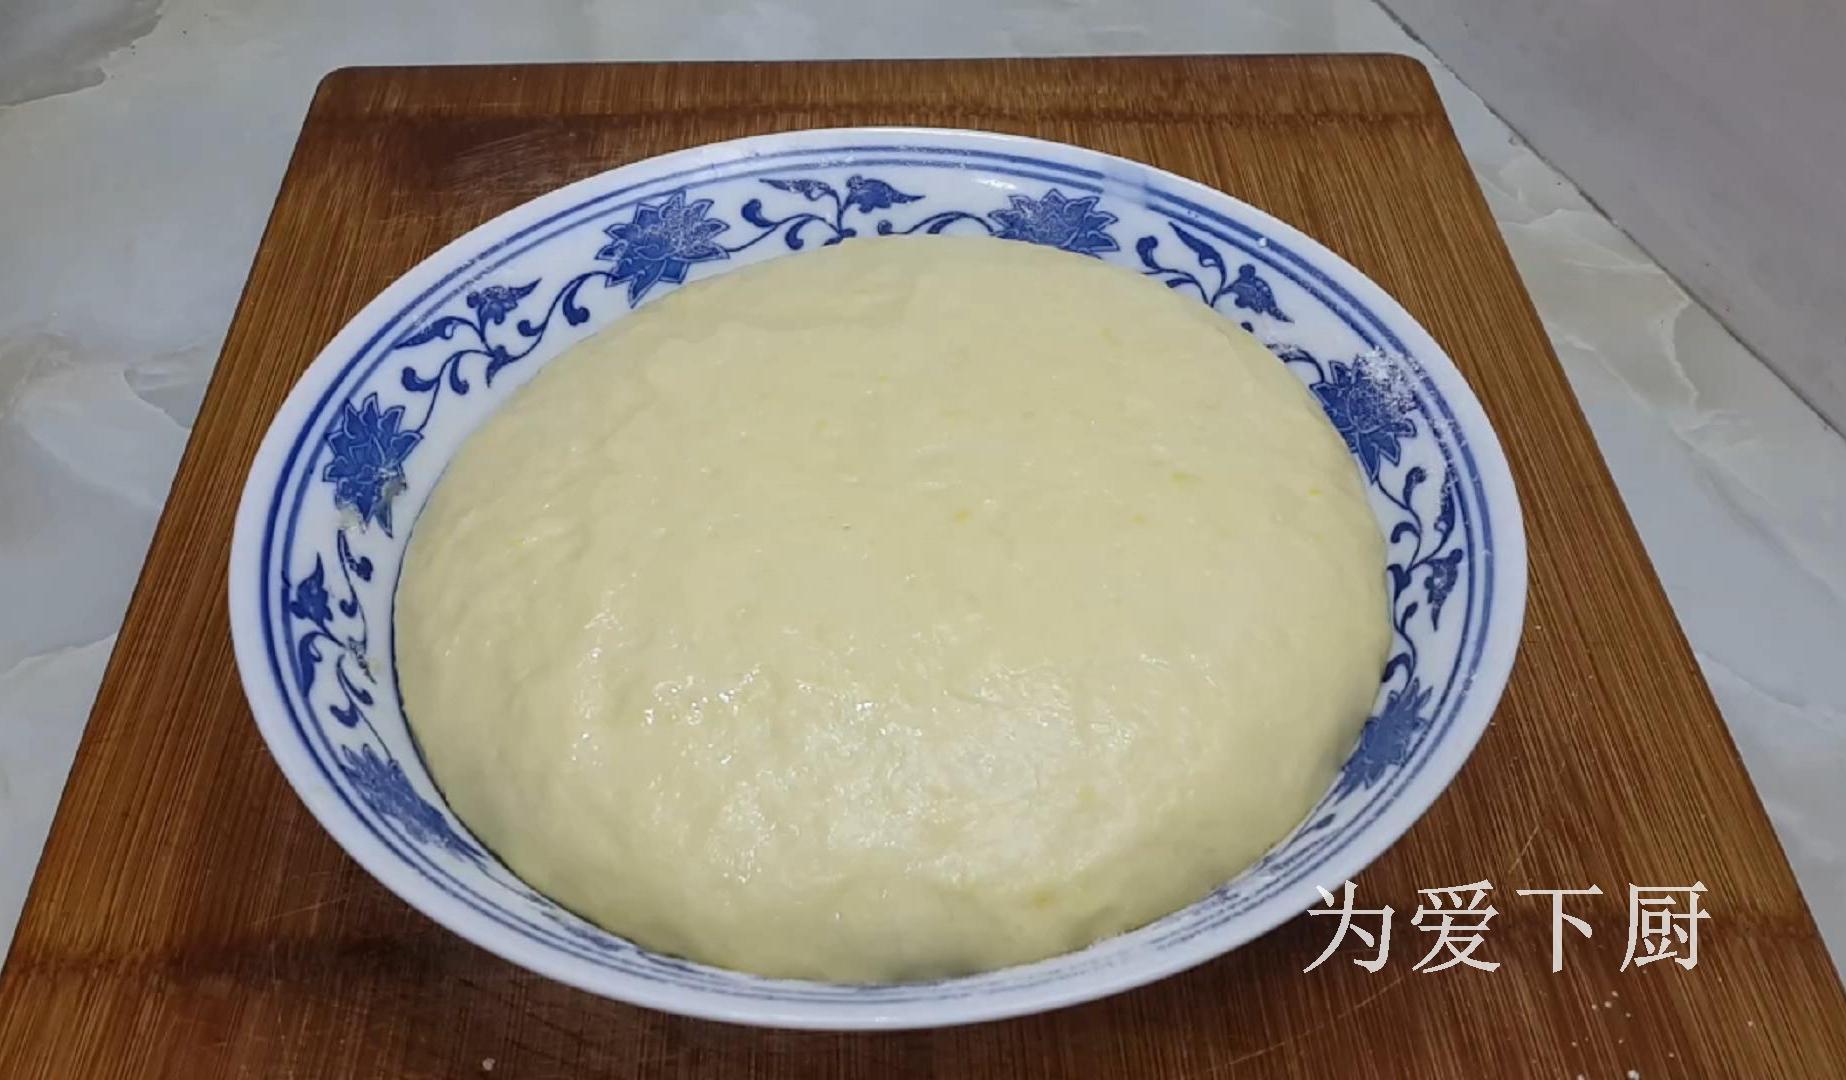 2個雞蛋,半斤麵粉,鍋裡炸一炸,鬆軟又香甜,比麵包油條還好吃